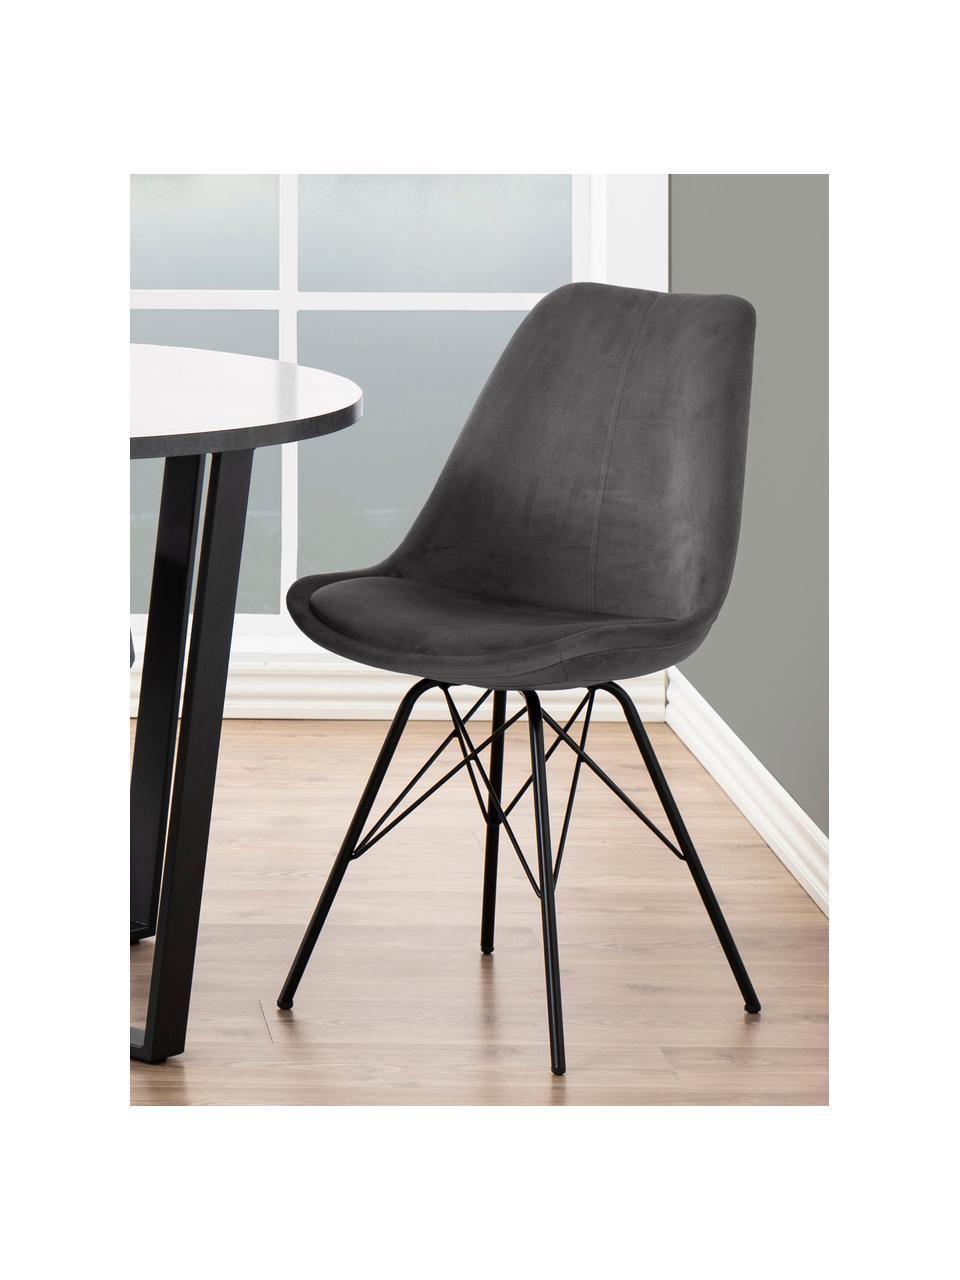 Fluwelen stoelen Eris, 2 stuks, Bekleding: polyester fluweel, Poten: gepoedercoat metaal, Fluweel donkergrijs, poten zwart, B 49 x D 54 cm